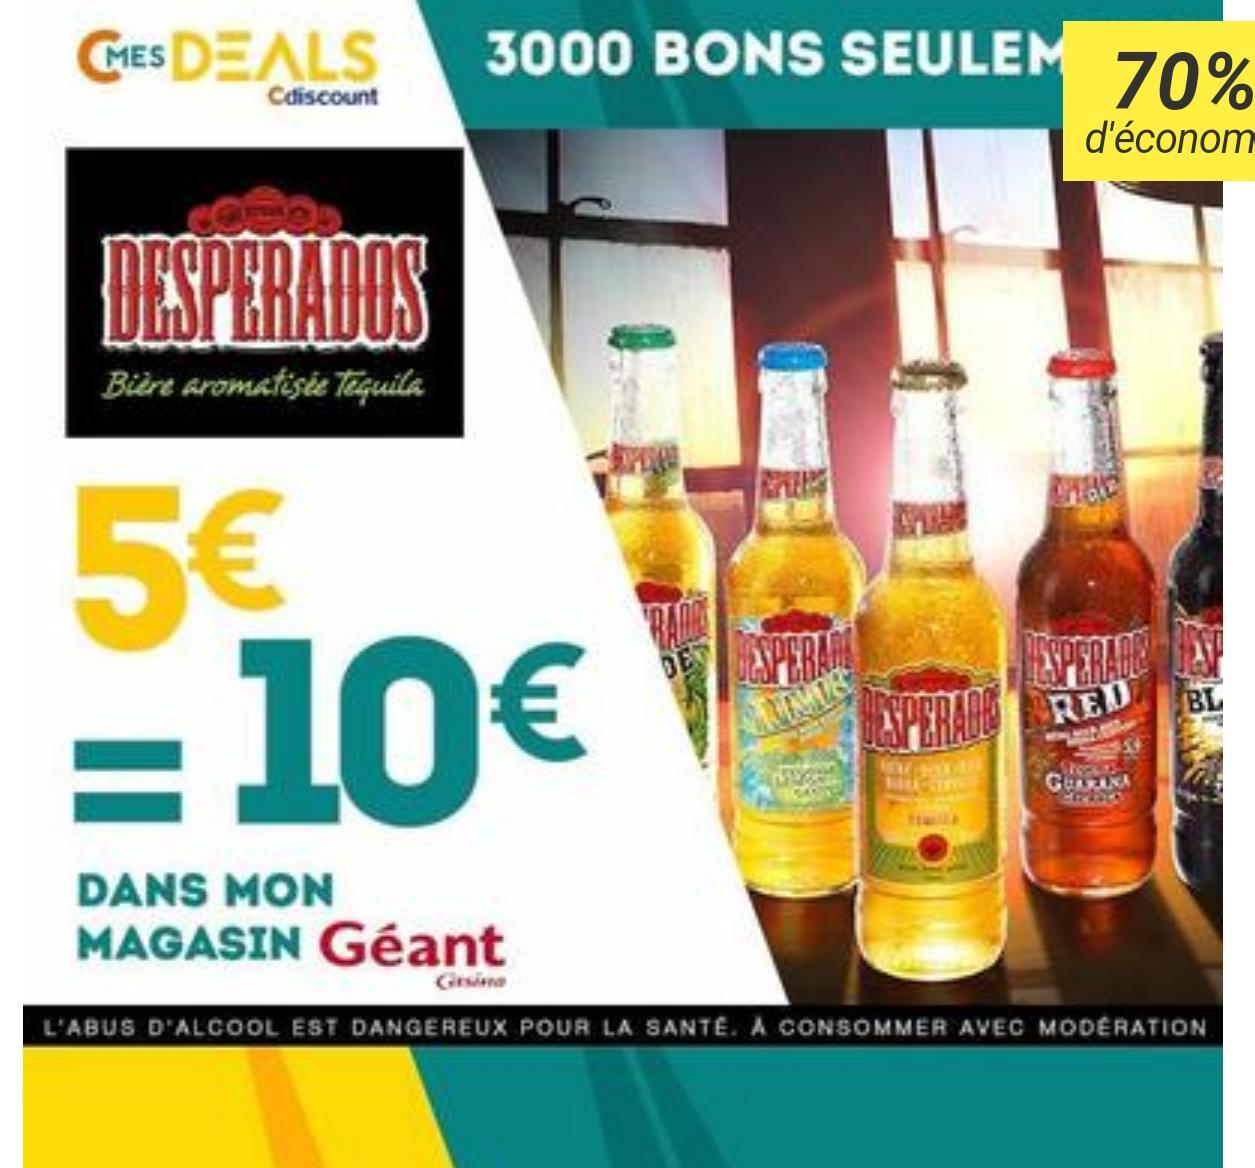 10€ à dépenser sur les produits Desperados